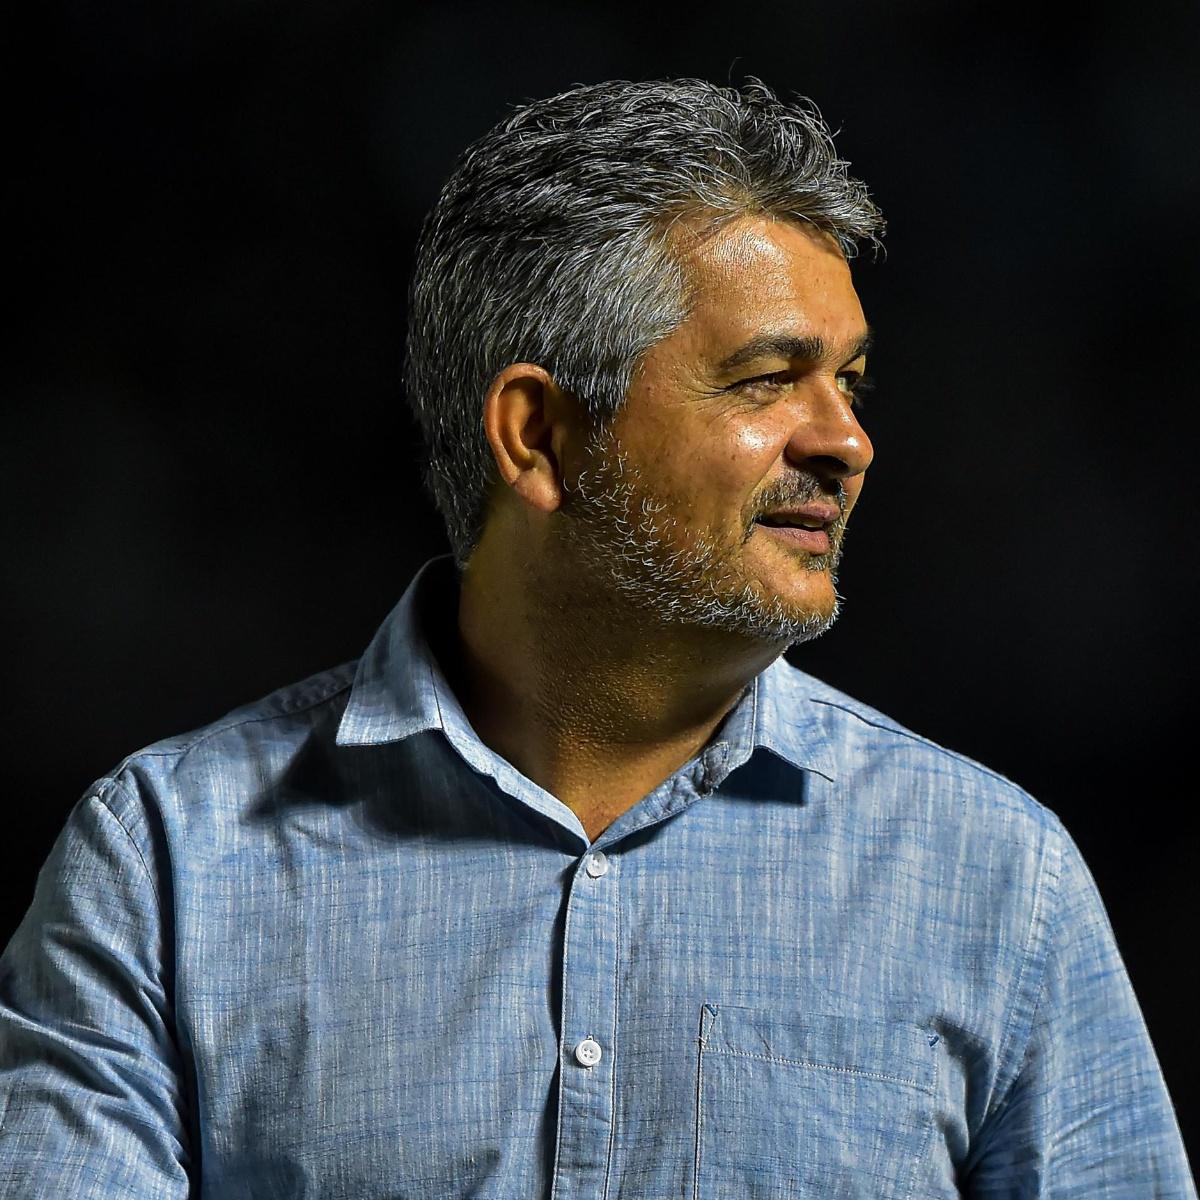 Ney Franco E O Novo Tecnico Do Cruzeiro Esporte Interativo